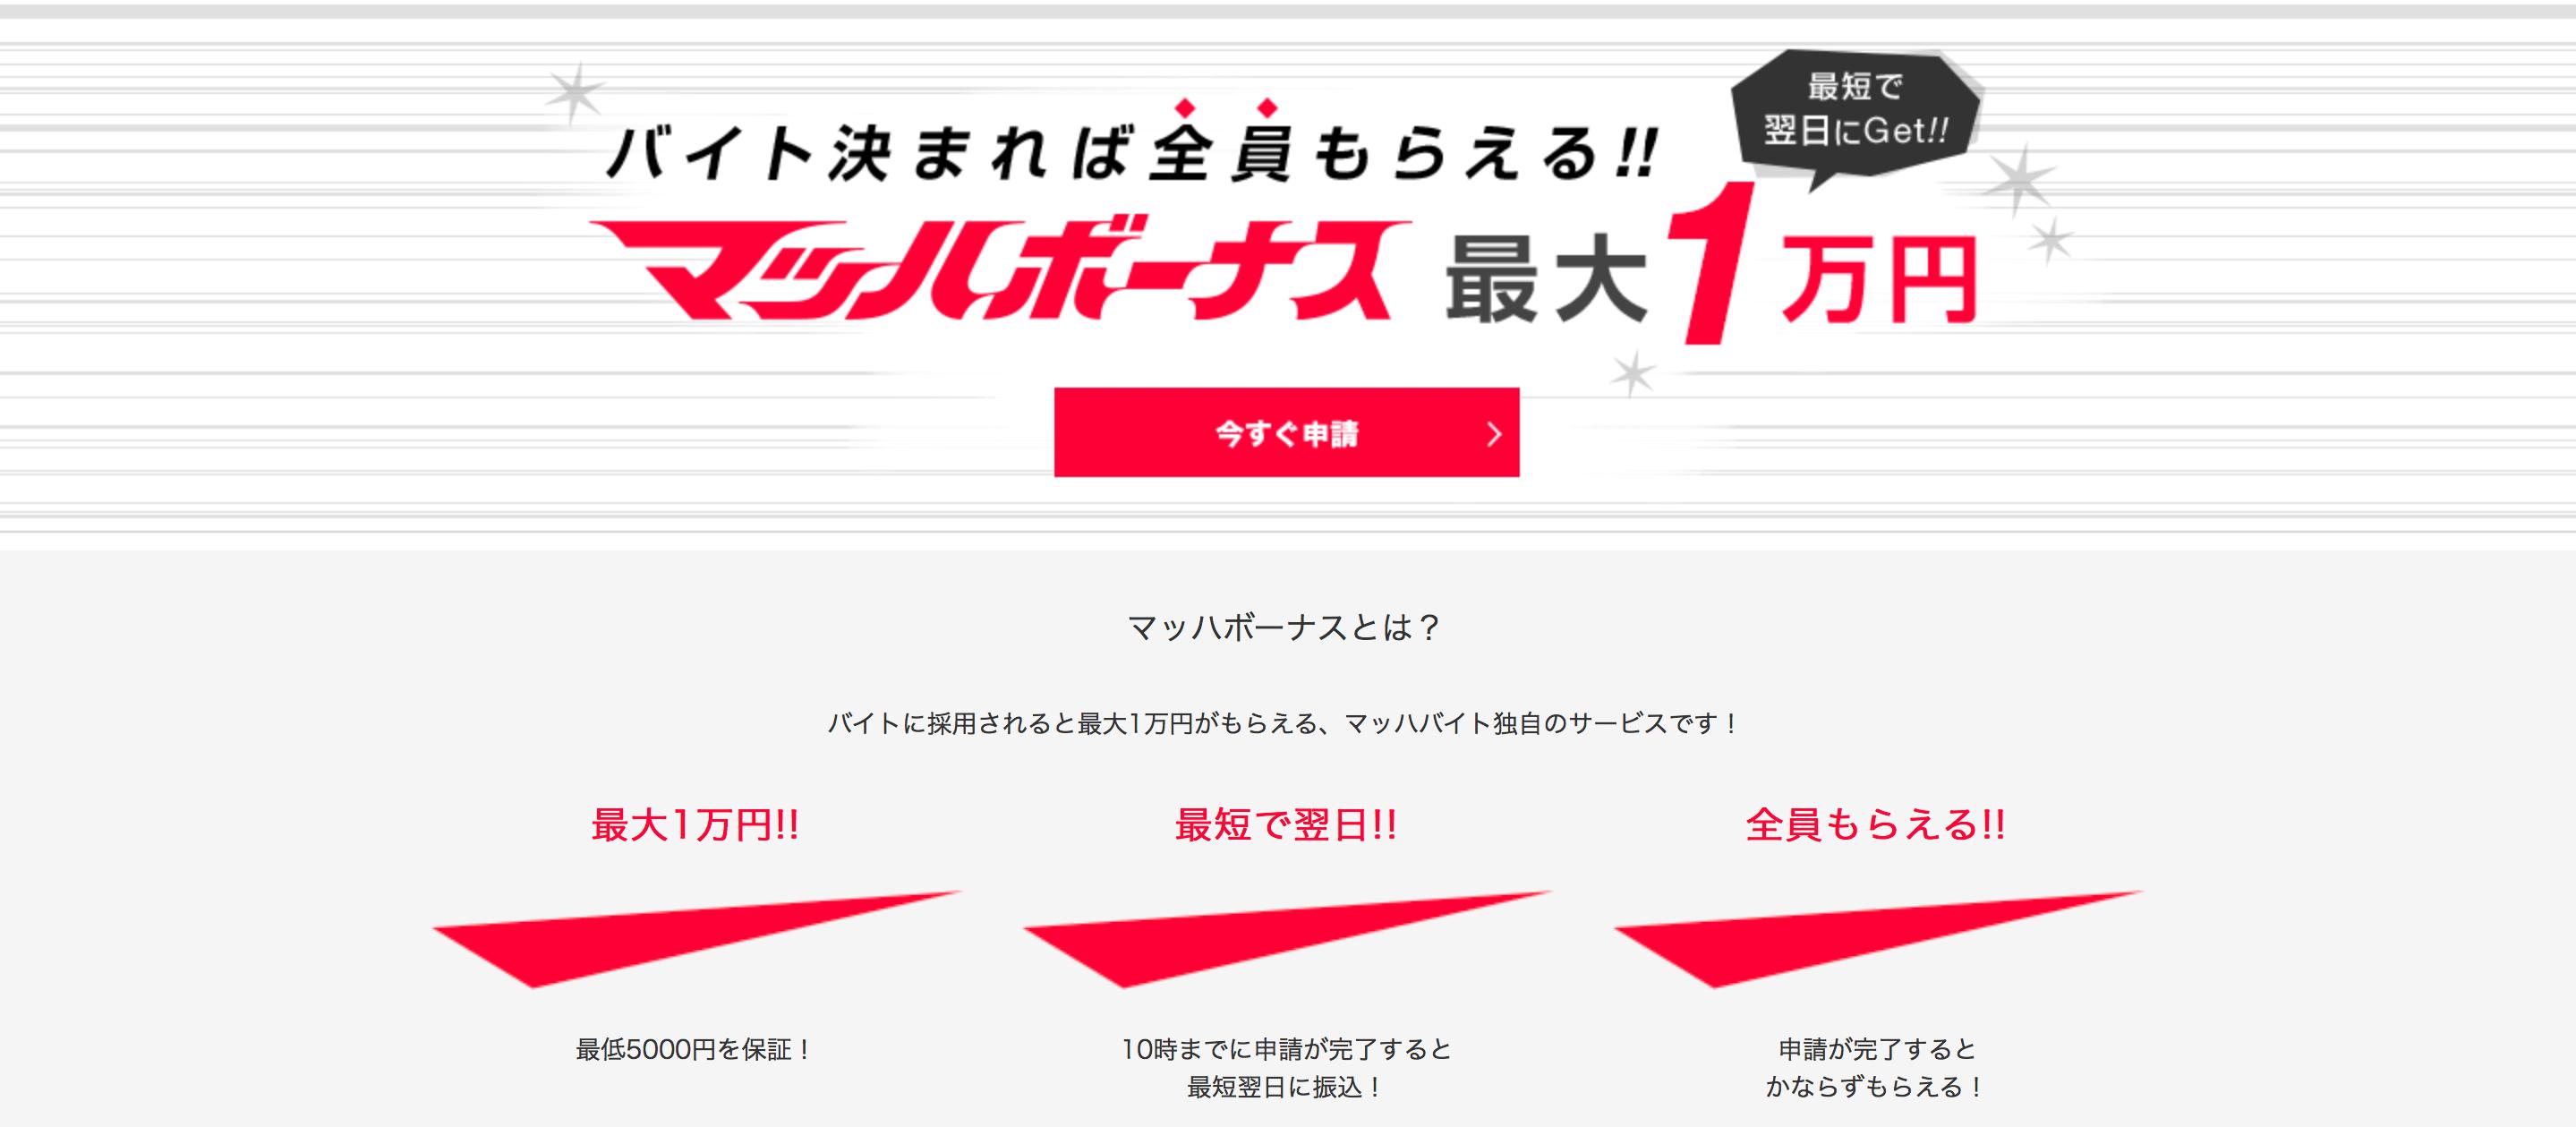 スクリーンショット 2018-01-04 19.21.01